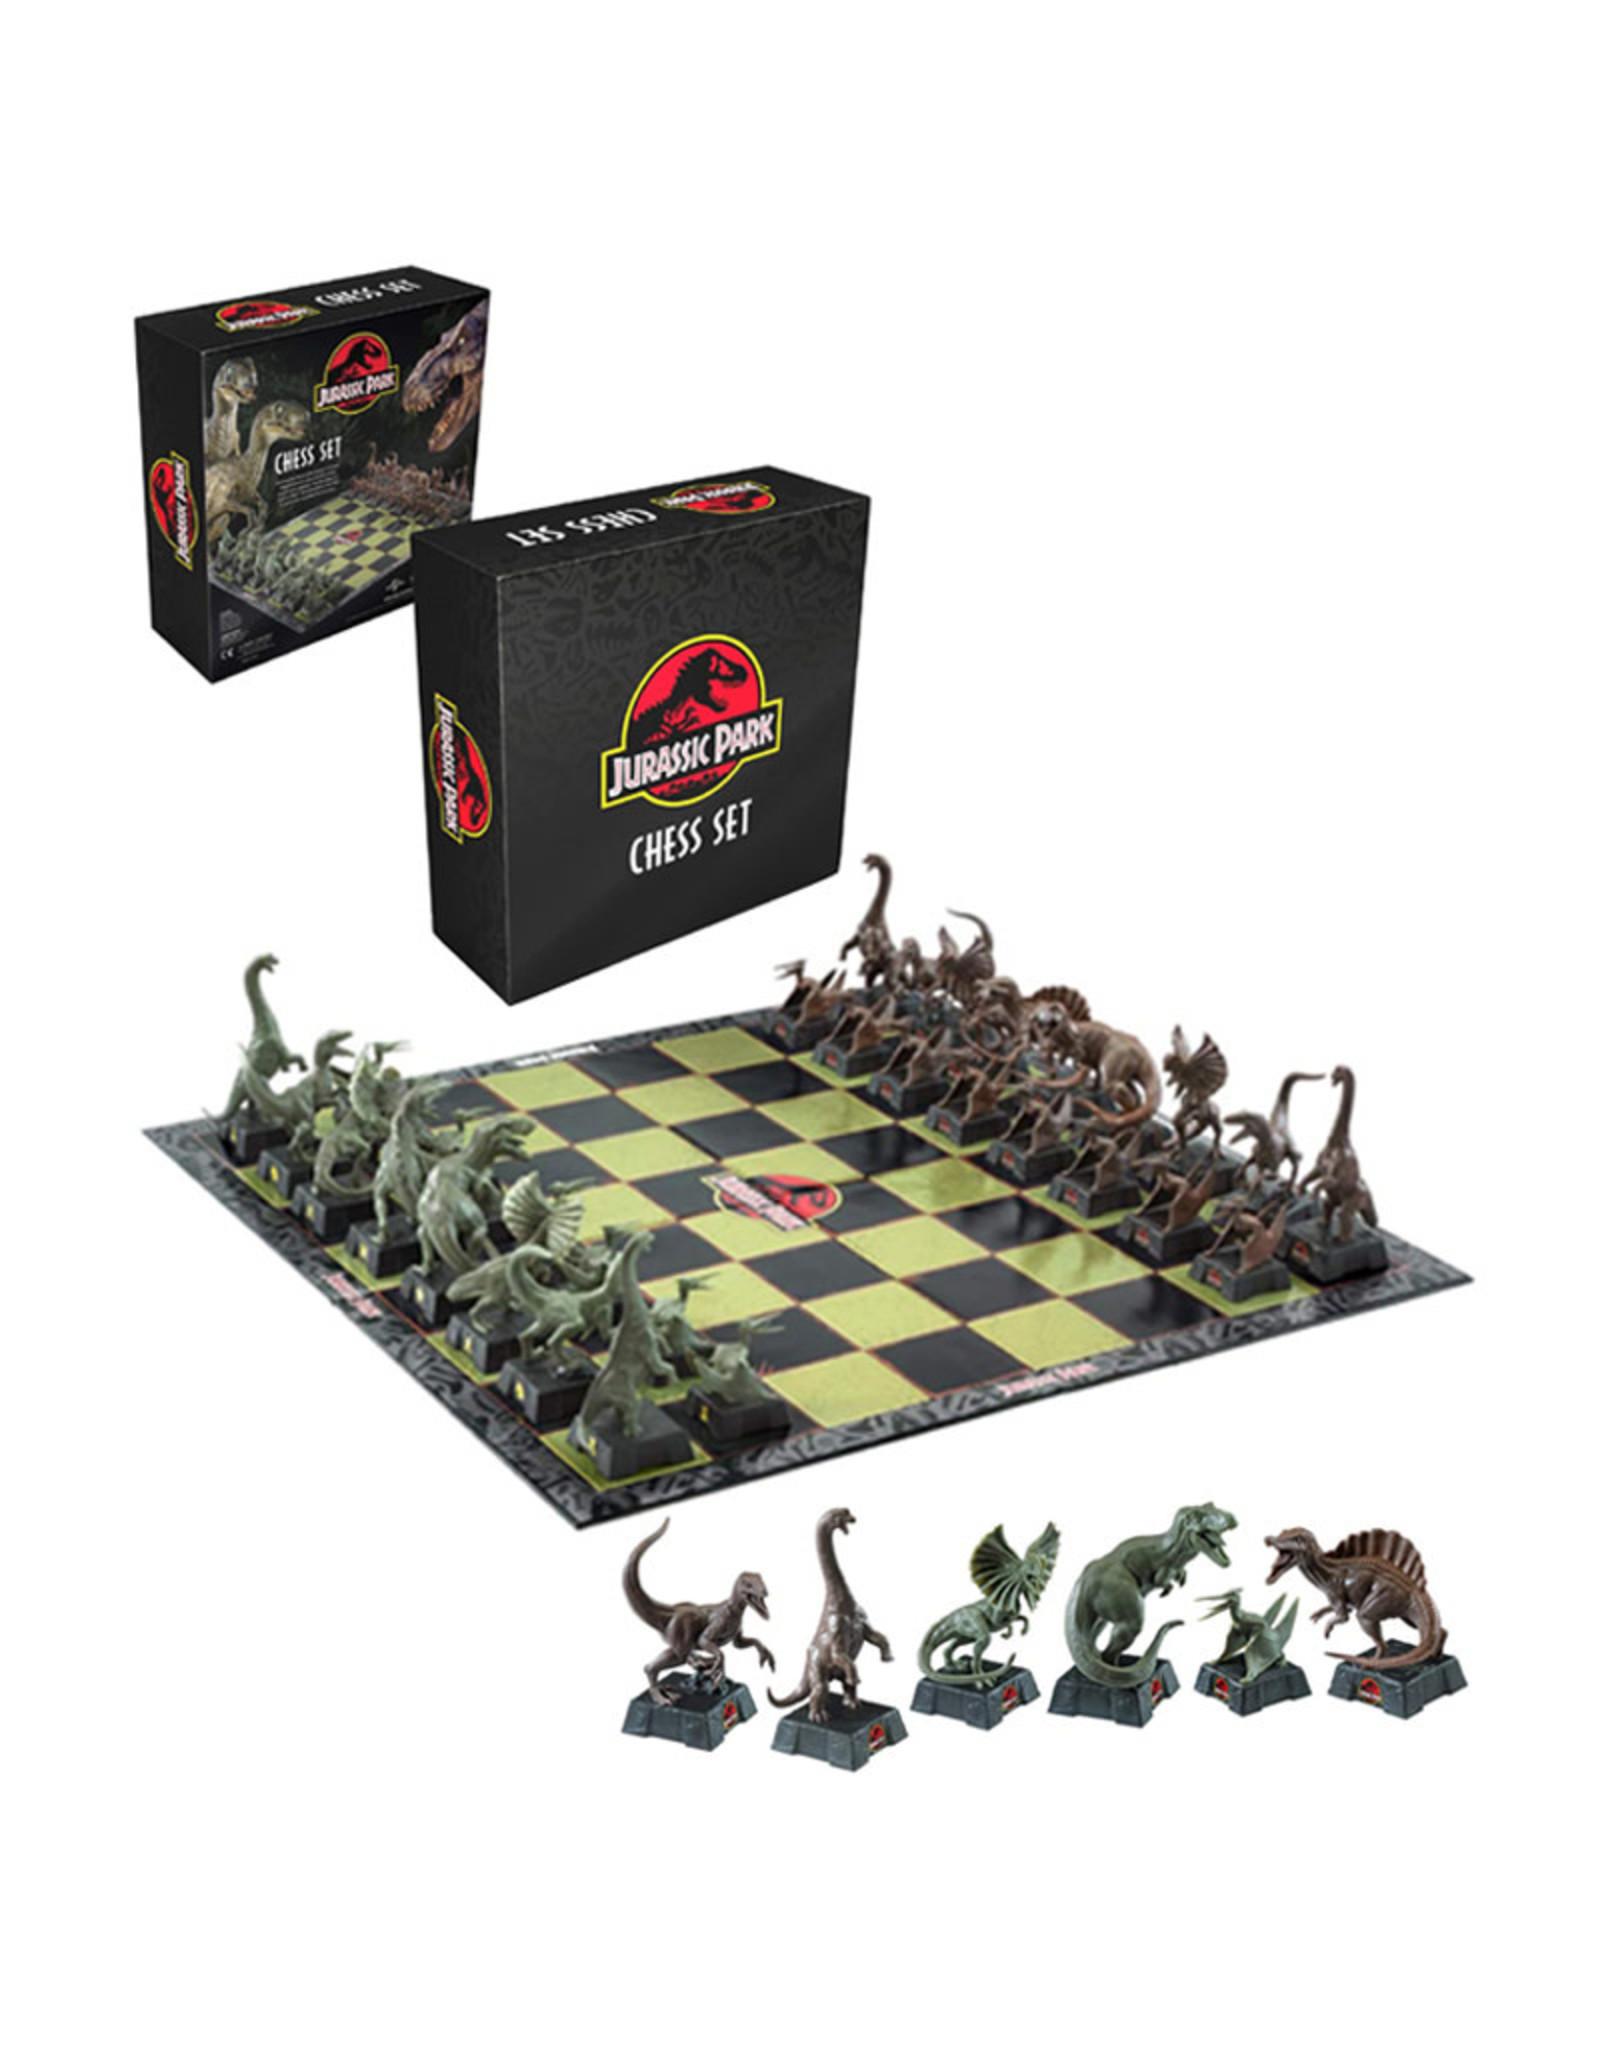 Jurassic Park ( Chess Set )